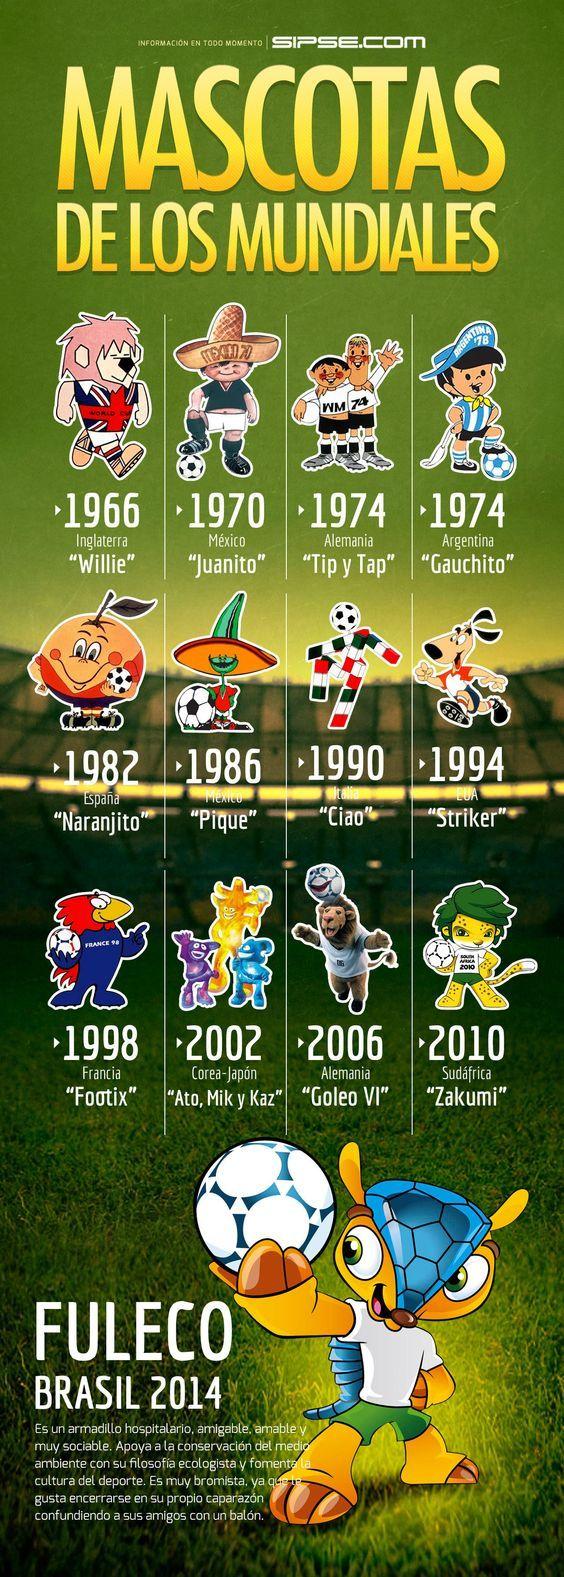 Mascotas de los mundiales de fútbol